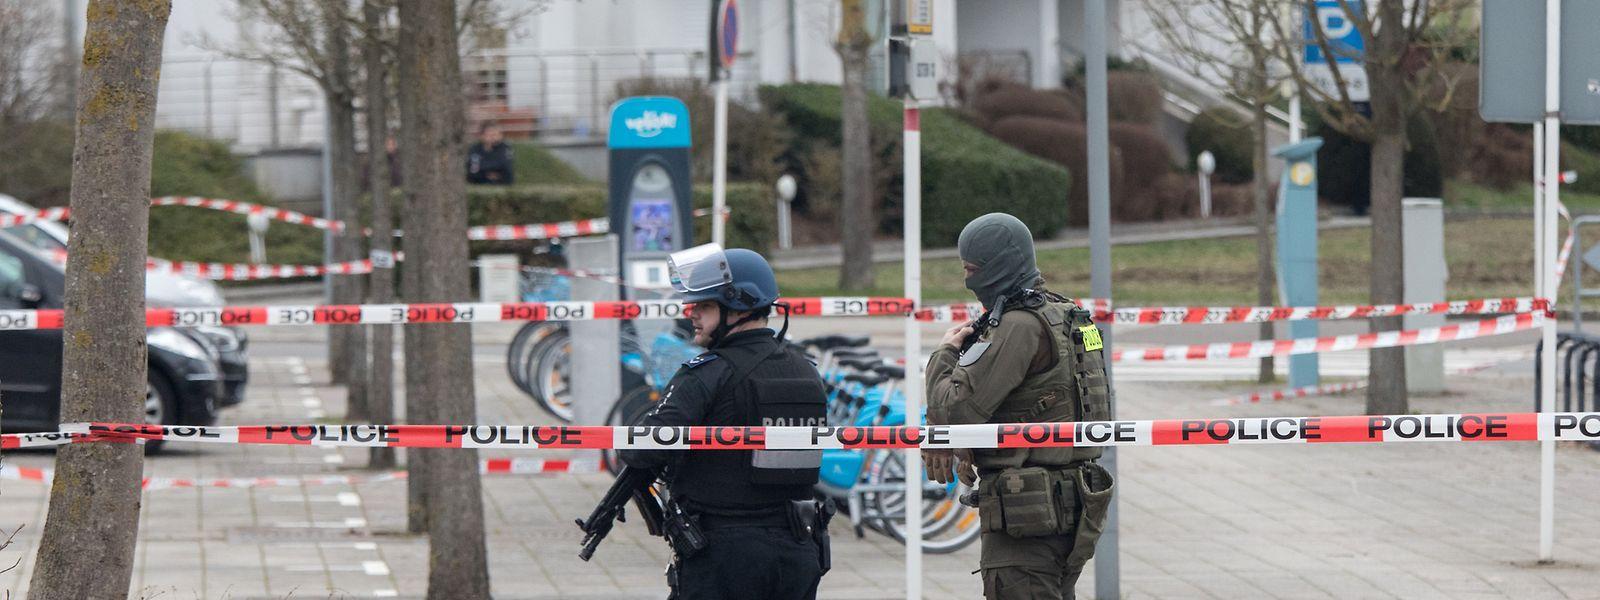 Nach einer Bombendrohung sind am Dienstag Teile des Hauptstadt-Viertels Cessingen abgeriegelt worden.